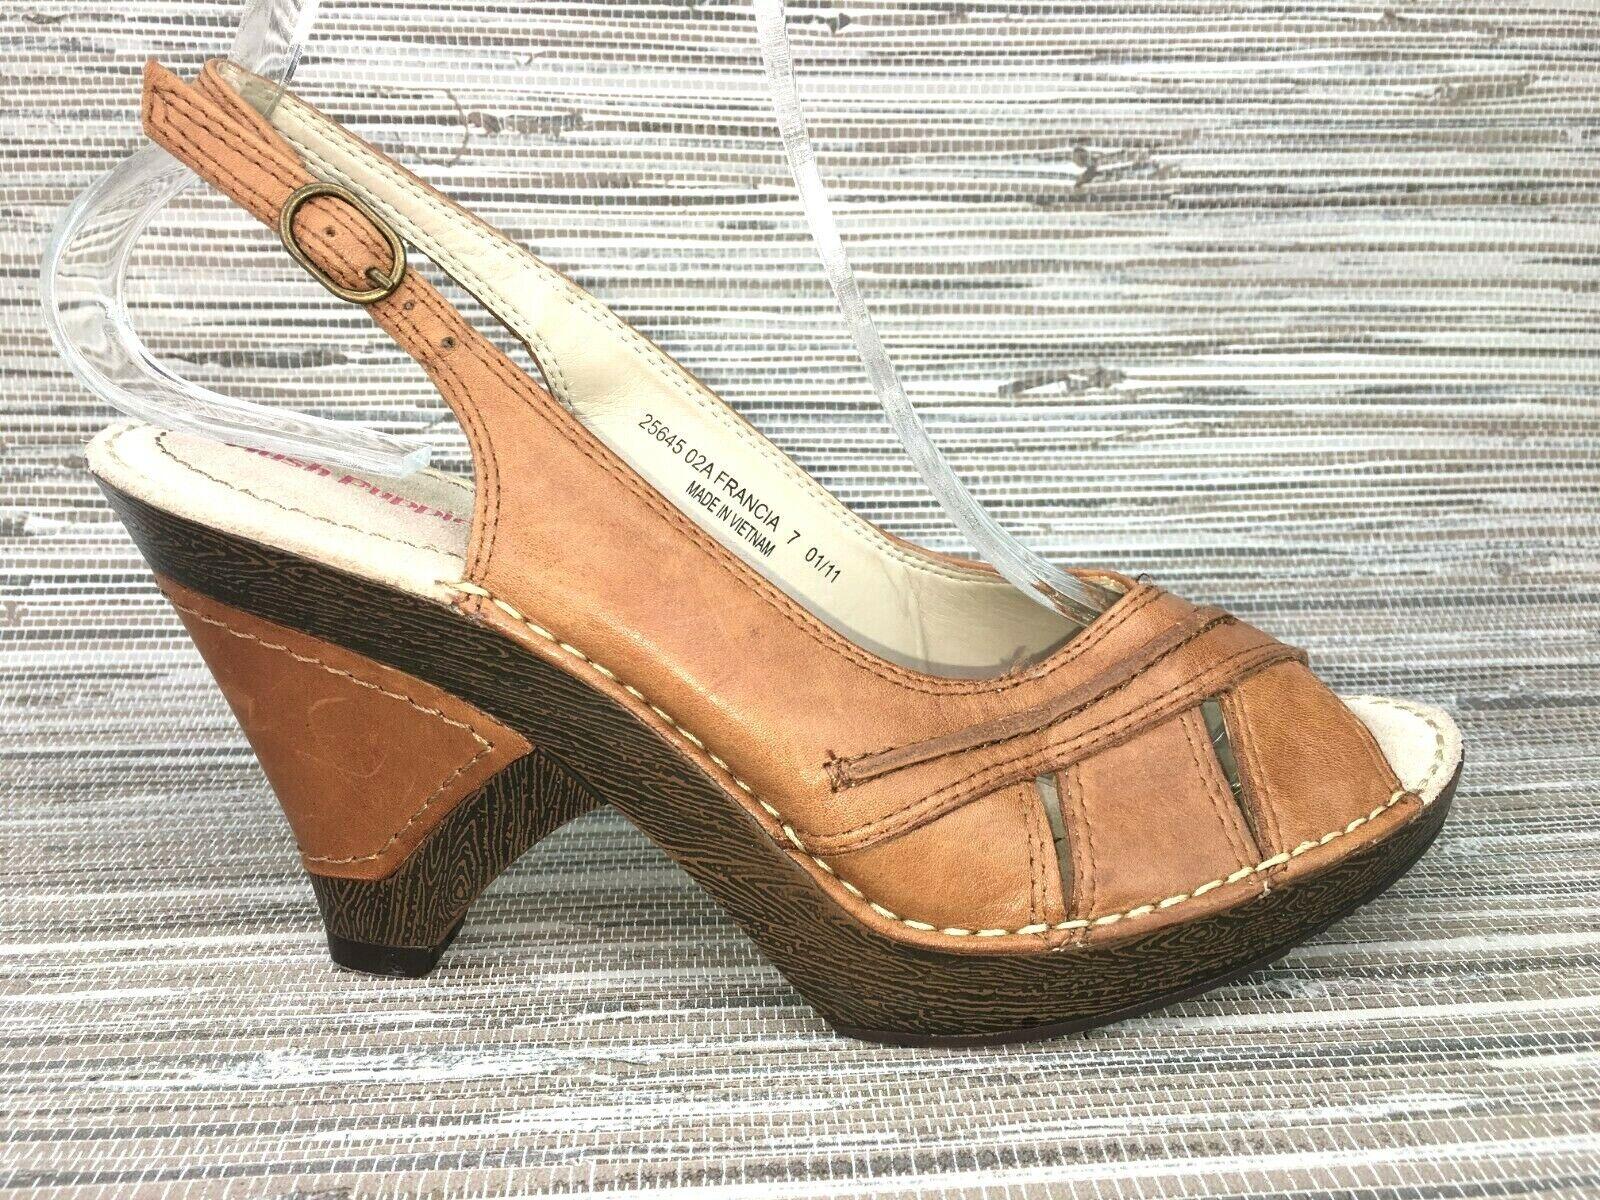 Hush Puppies SIDRA MALIA Ladies Nubuck Leather Slingback Heeled Sandals Tan